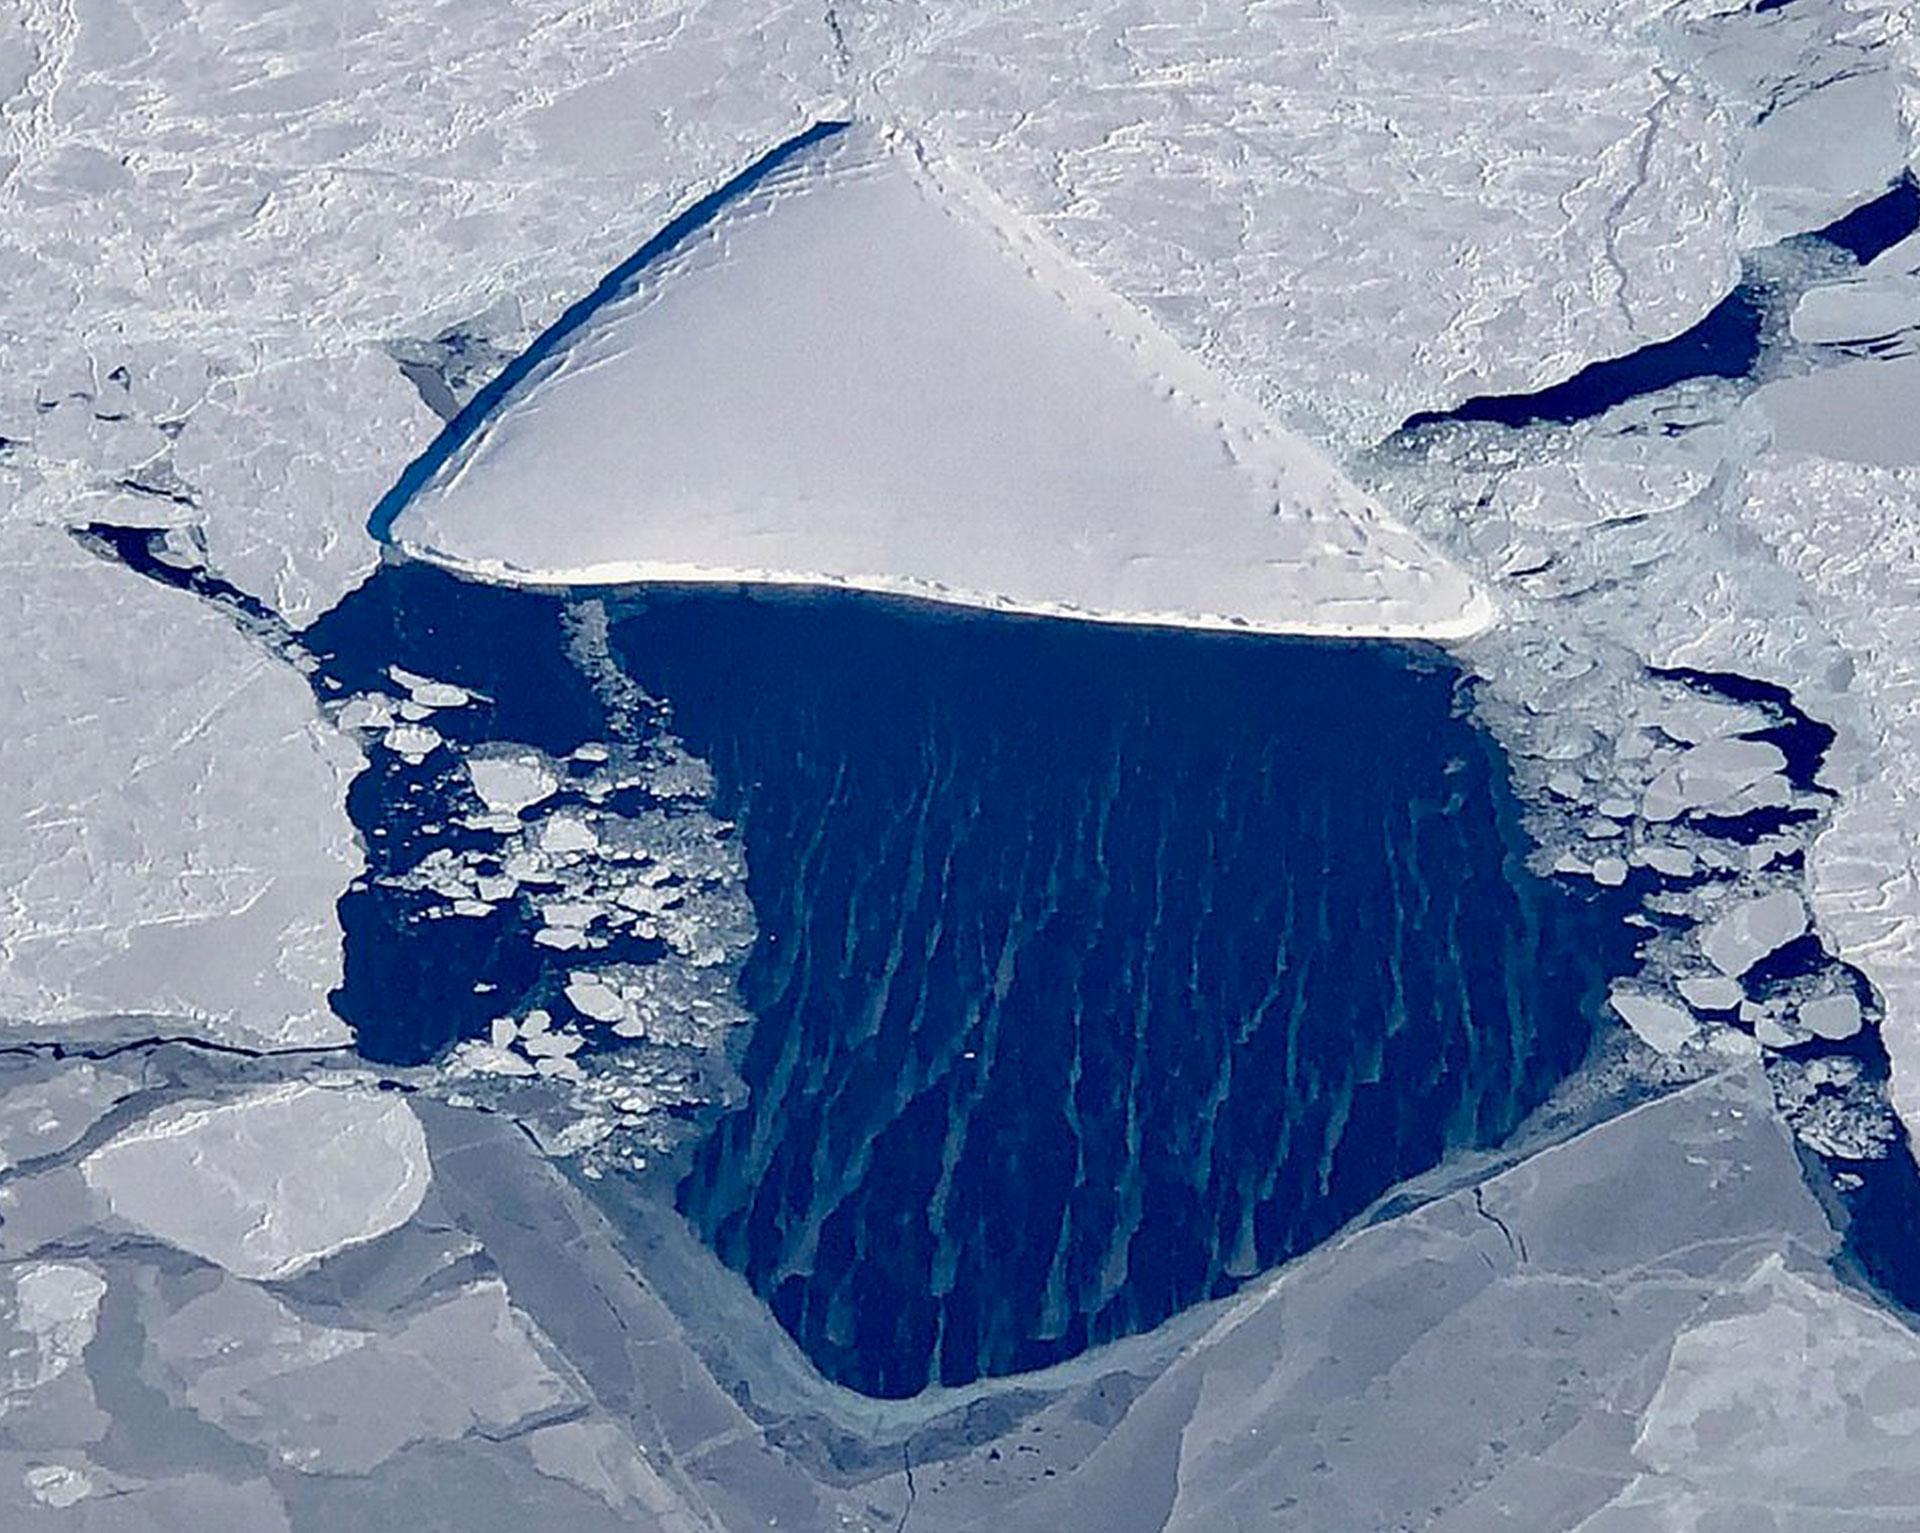 Pizzaberg, el iceberg con forma de pizza detectado por los científicos en la zona del desprendimiento del A68, uno de los bloques de hielos más grandes registrados (NASA/IceBridge)